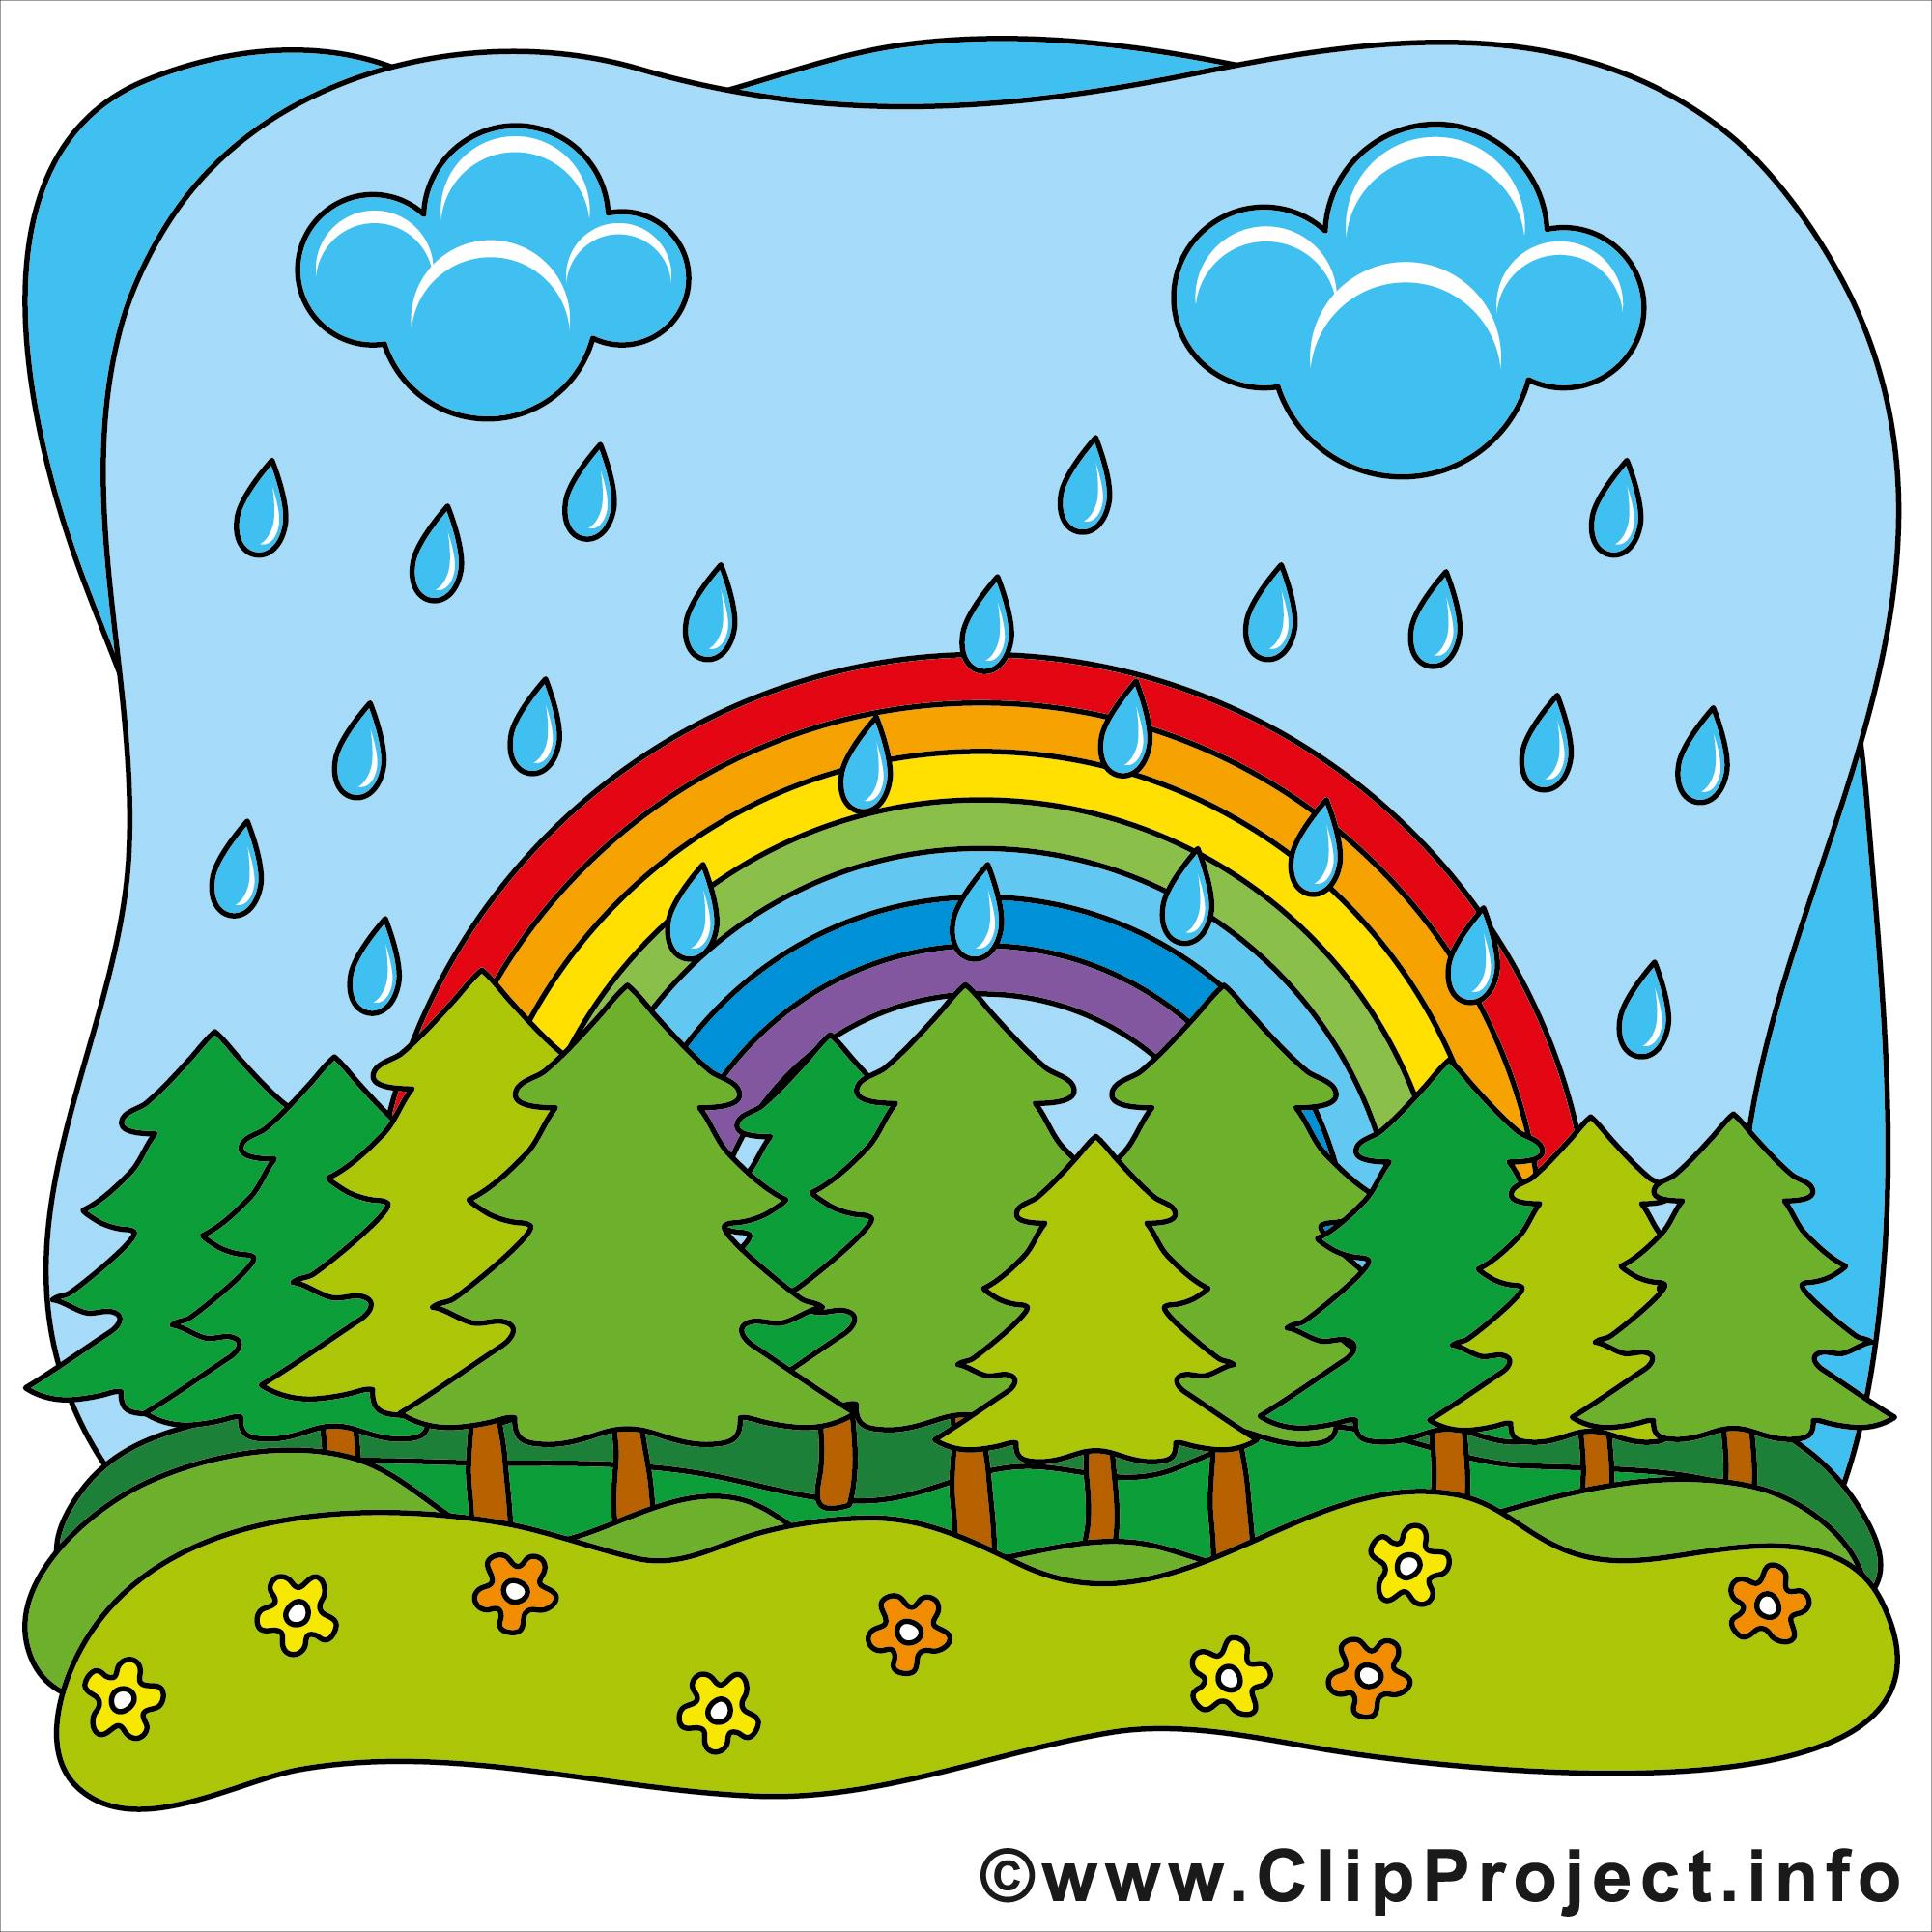 Parc arc en ciel t illustration t l charger gratuite - Image arc en ciel gratuite ...